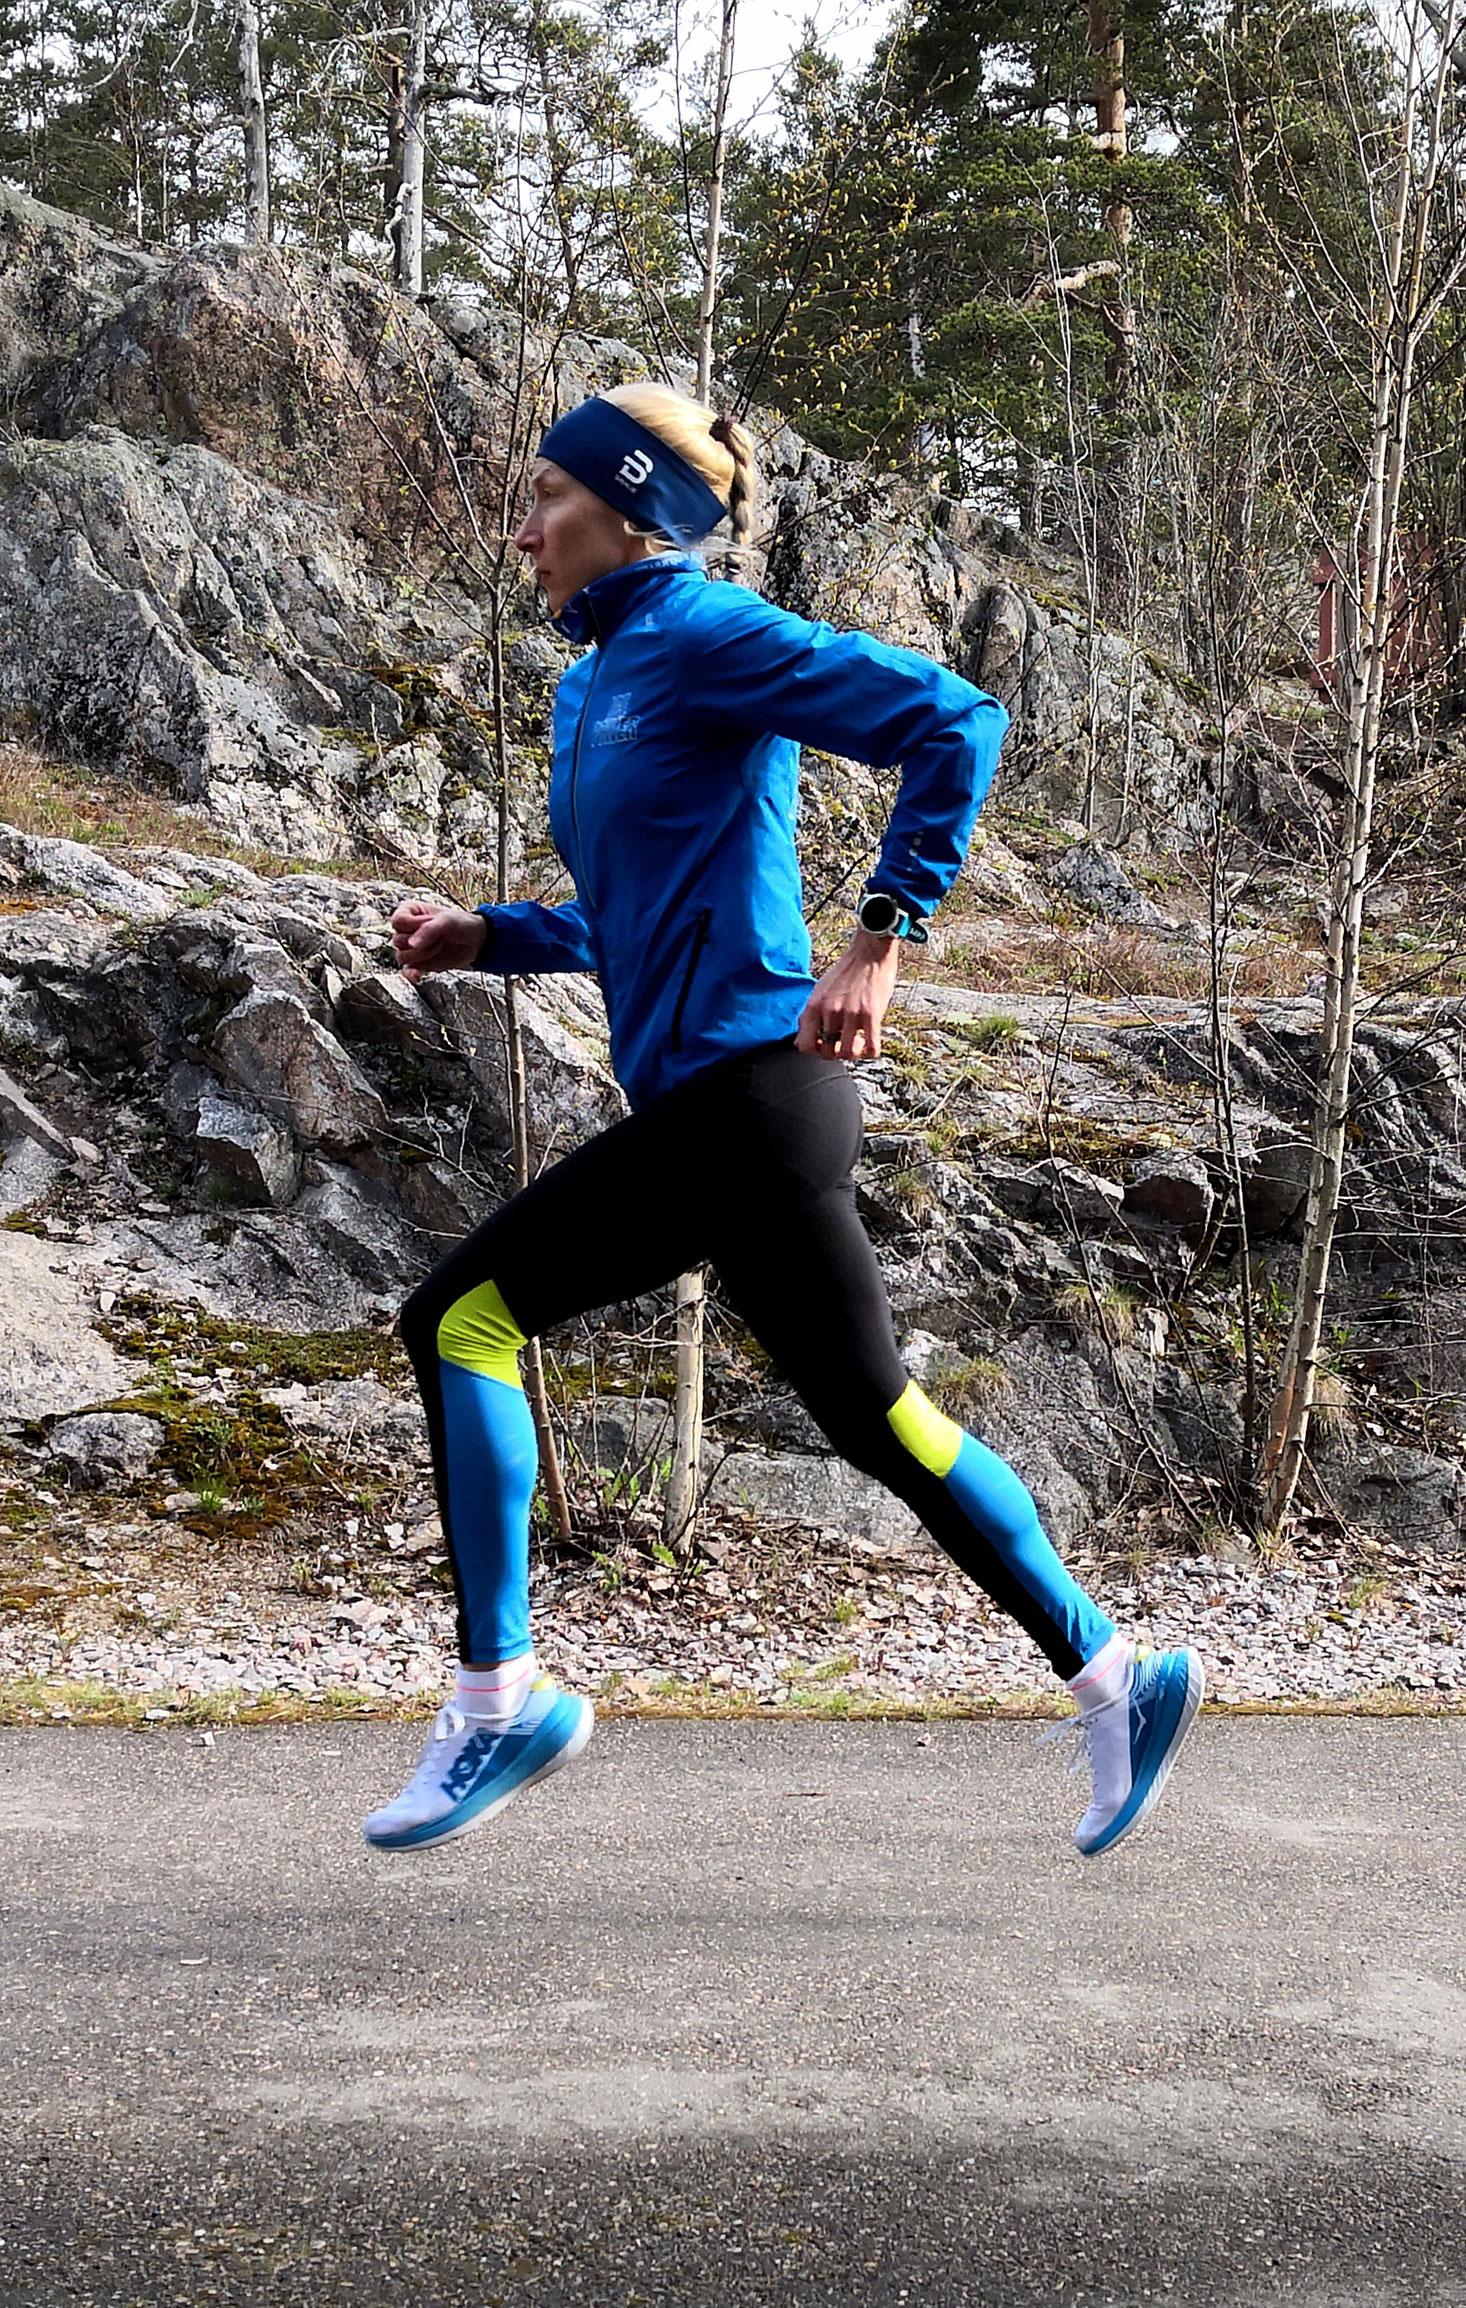 Juoksuohjelman 10 km matkalle laatinut juoksuvalmentaja Minna Syvälä lenkillä